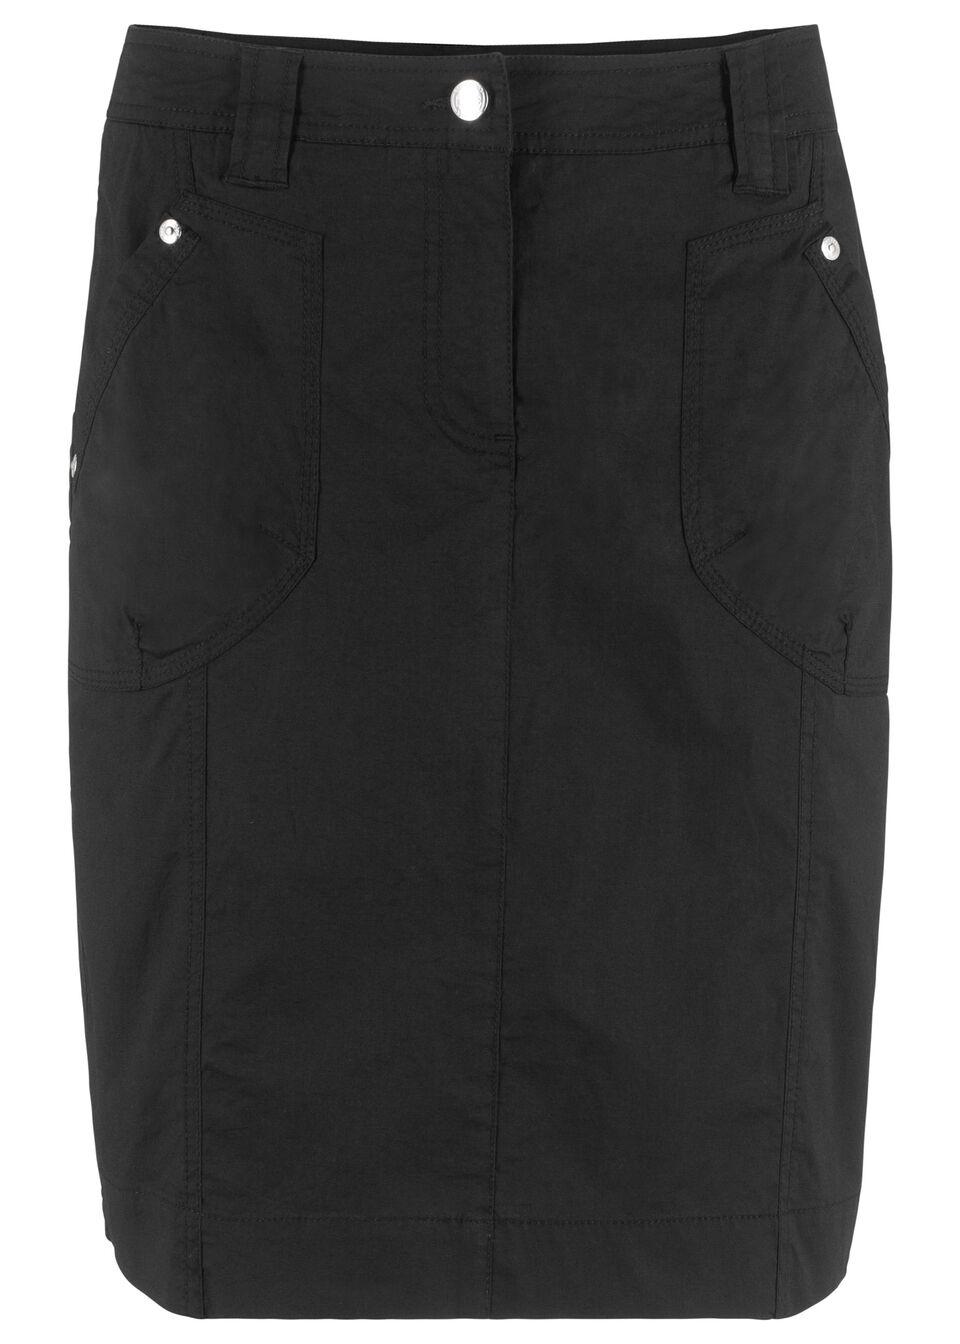 Фото - Юбку стретч в стиле карго от bonprix черного цвета